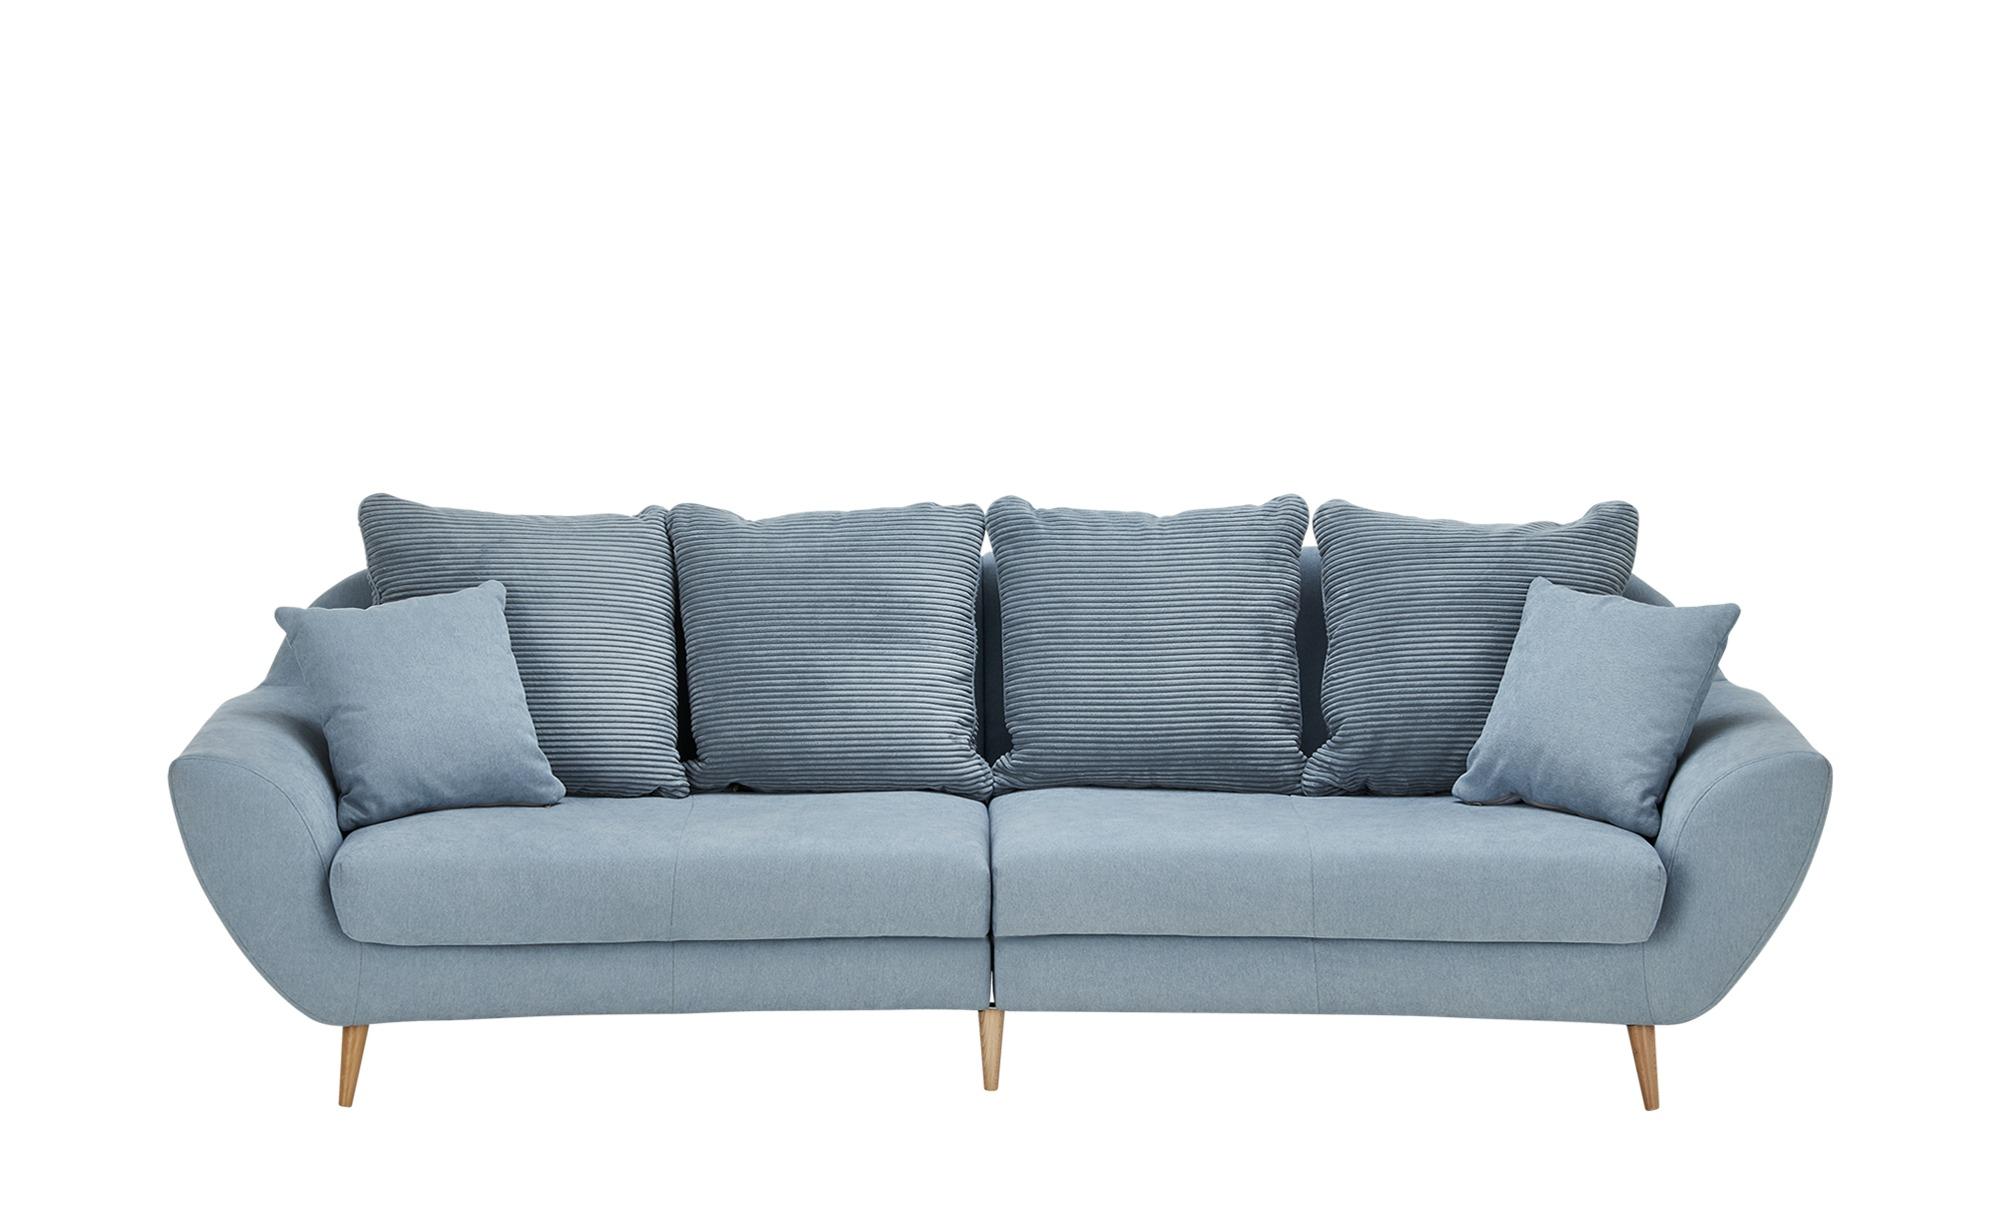 Big Sofa  Monaco ¦ Maße (cm): B: 260 H: 80 T: 110 Polstermöbel > Sofas > Big-Sofas - Höffner